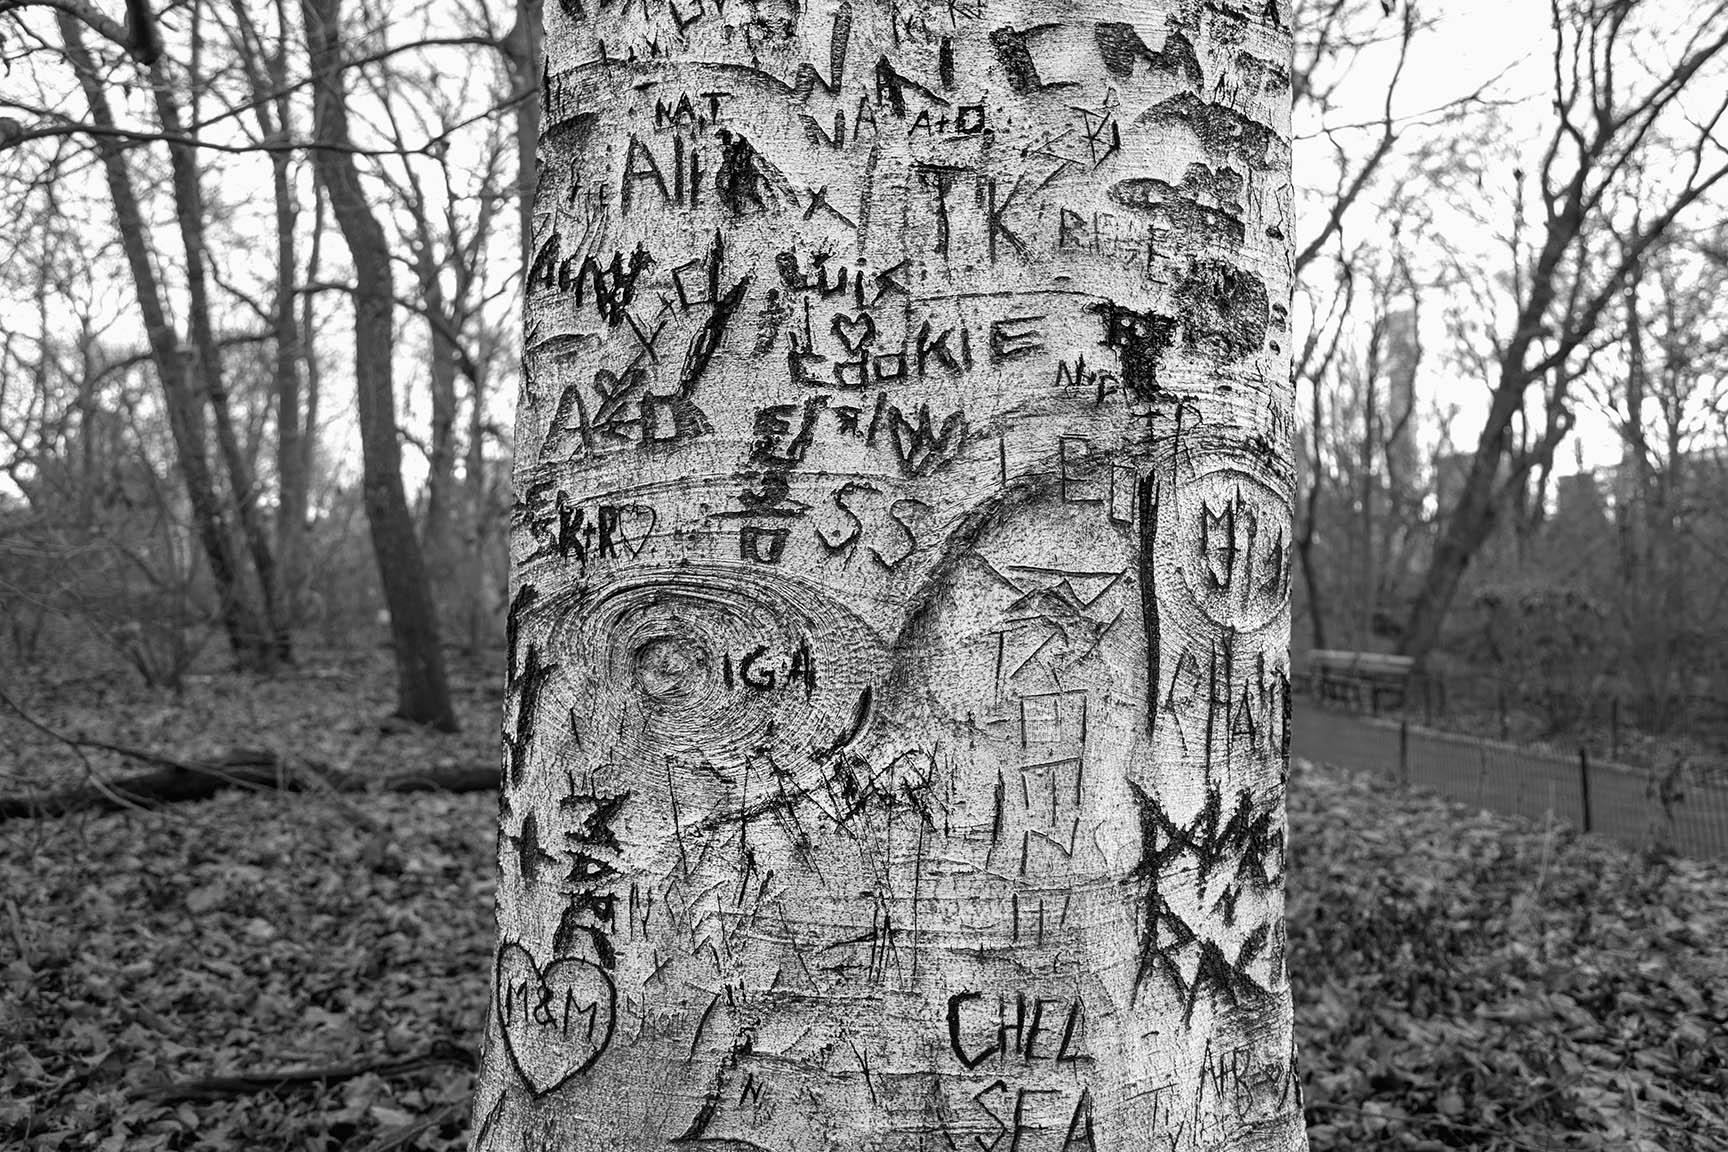 10_Tattoo Tree_7270-BLOG